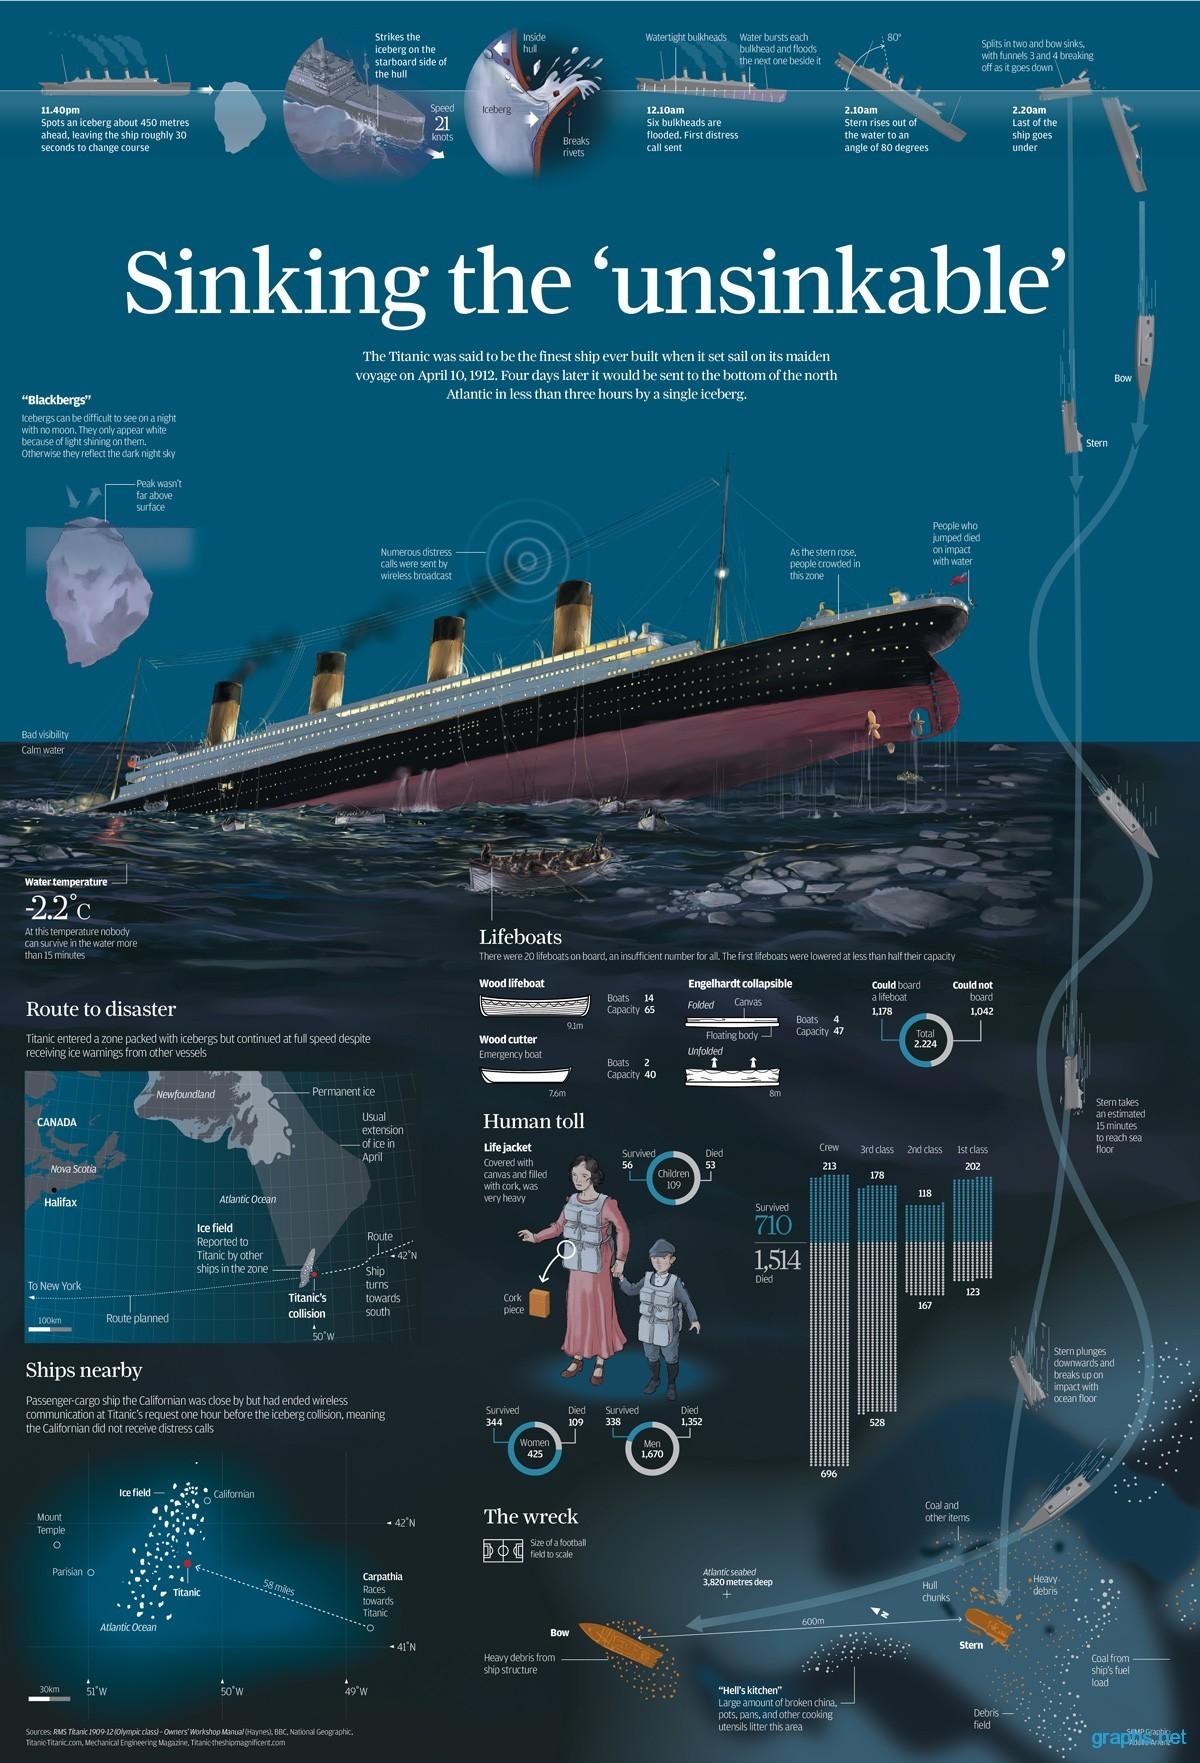 RMS-Titanic-infographic